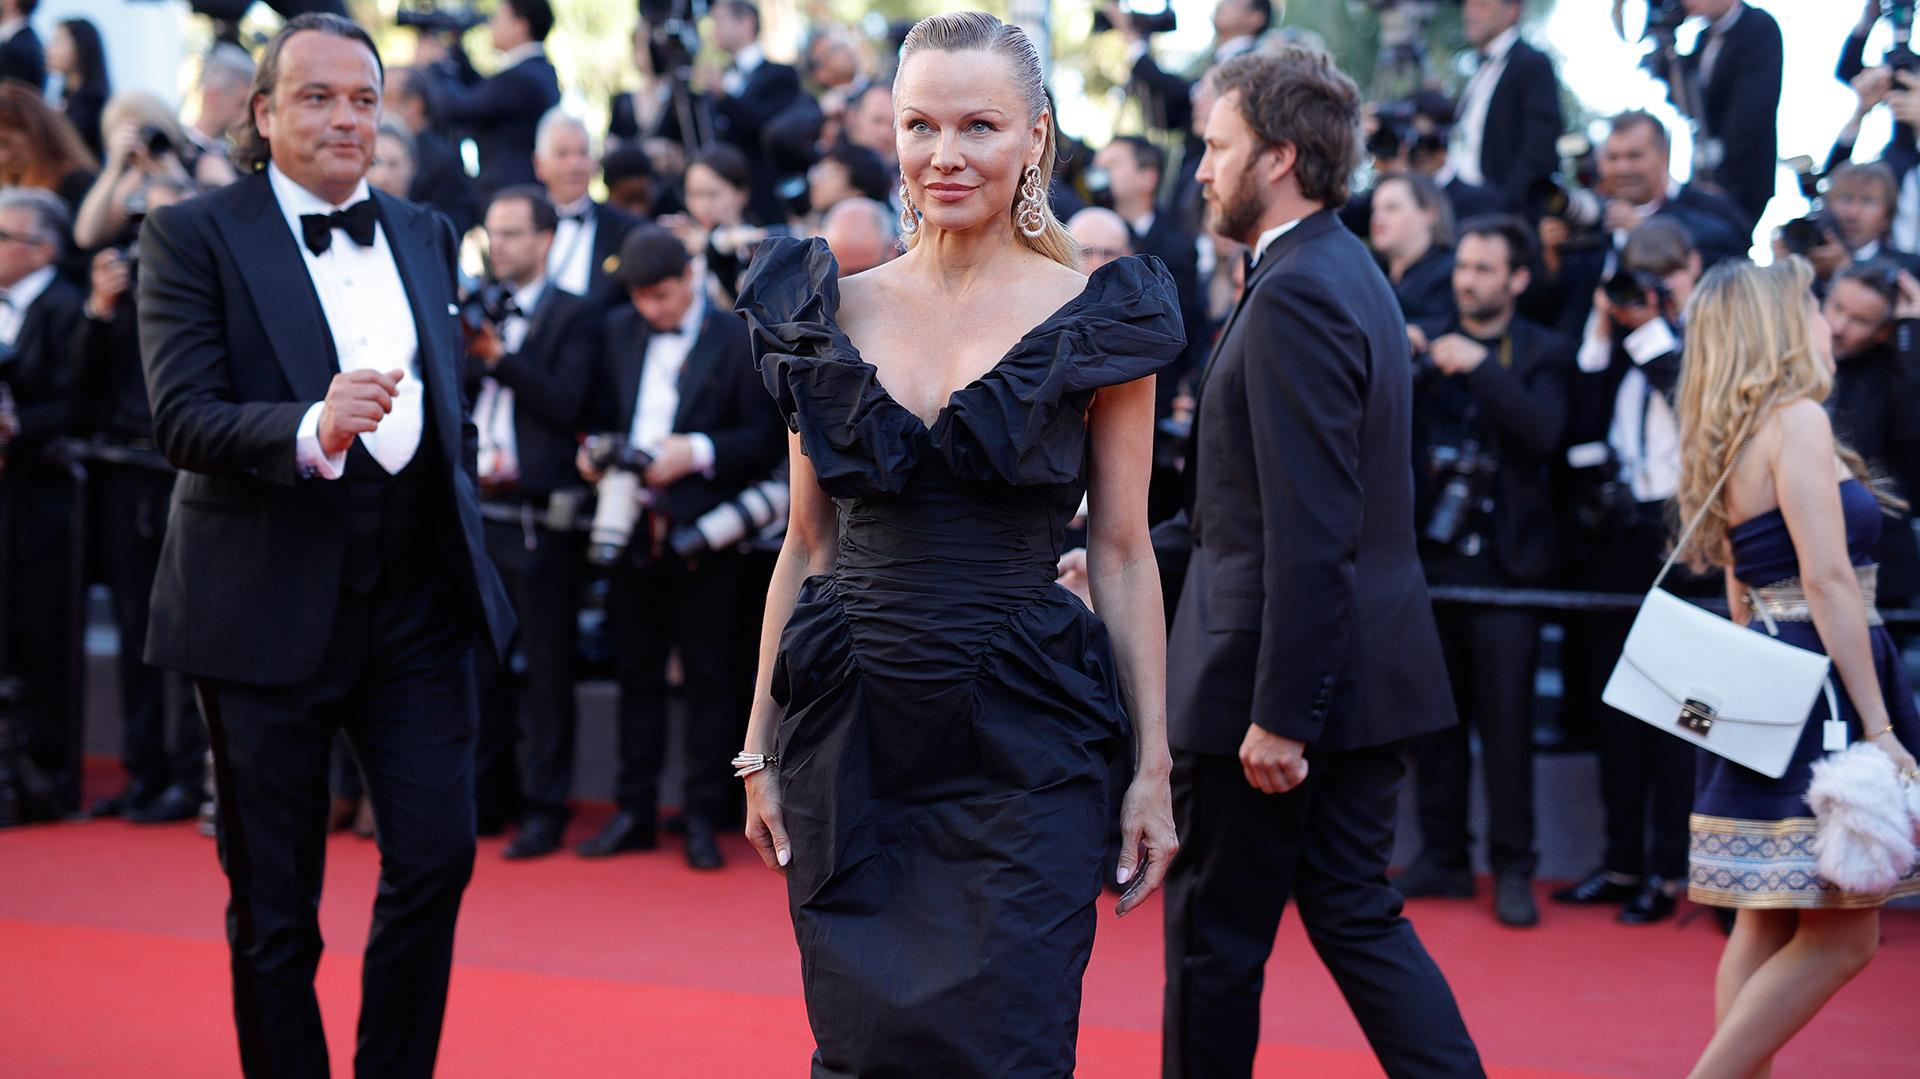 El look sobrio elegido por la estrella de Baywatch, Pamela Anderson